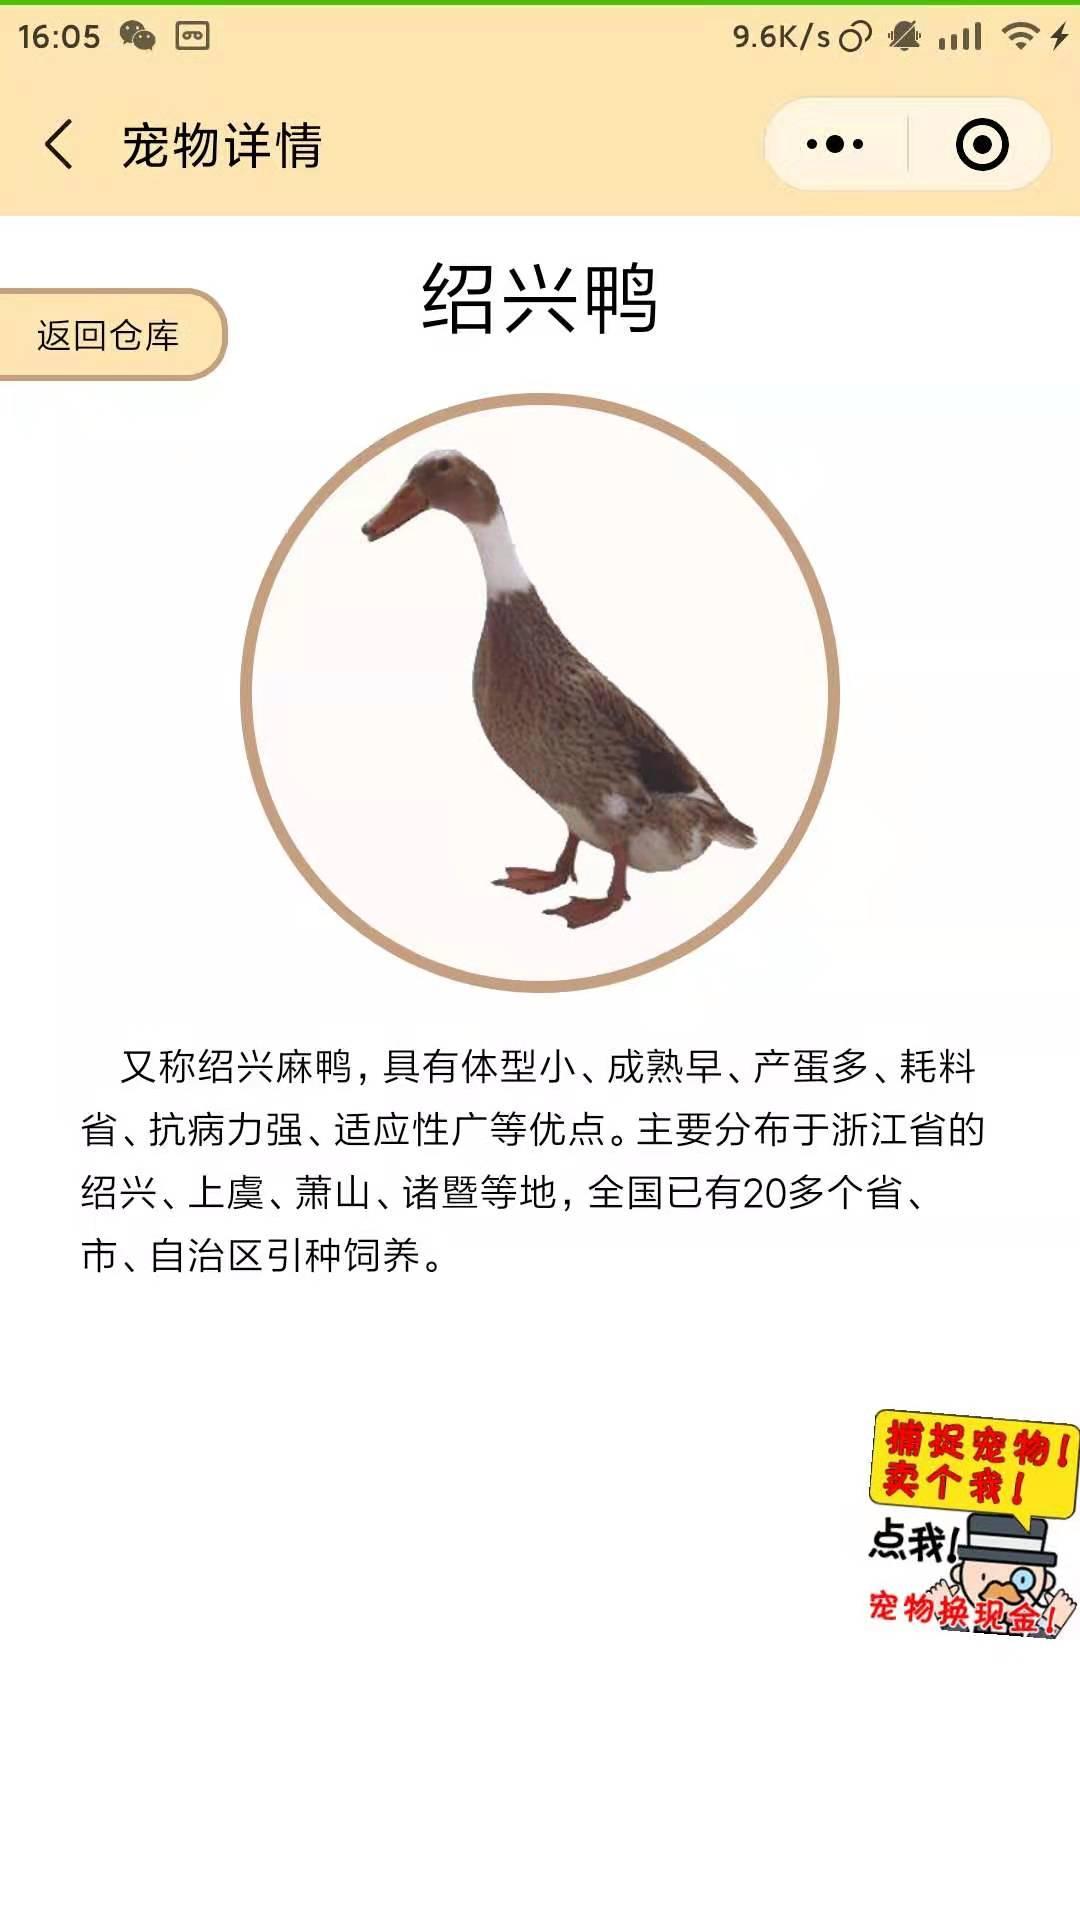 农场鸭席|鸭王是用鸭肉做的吗